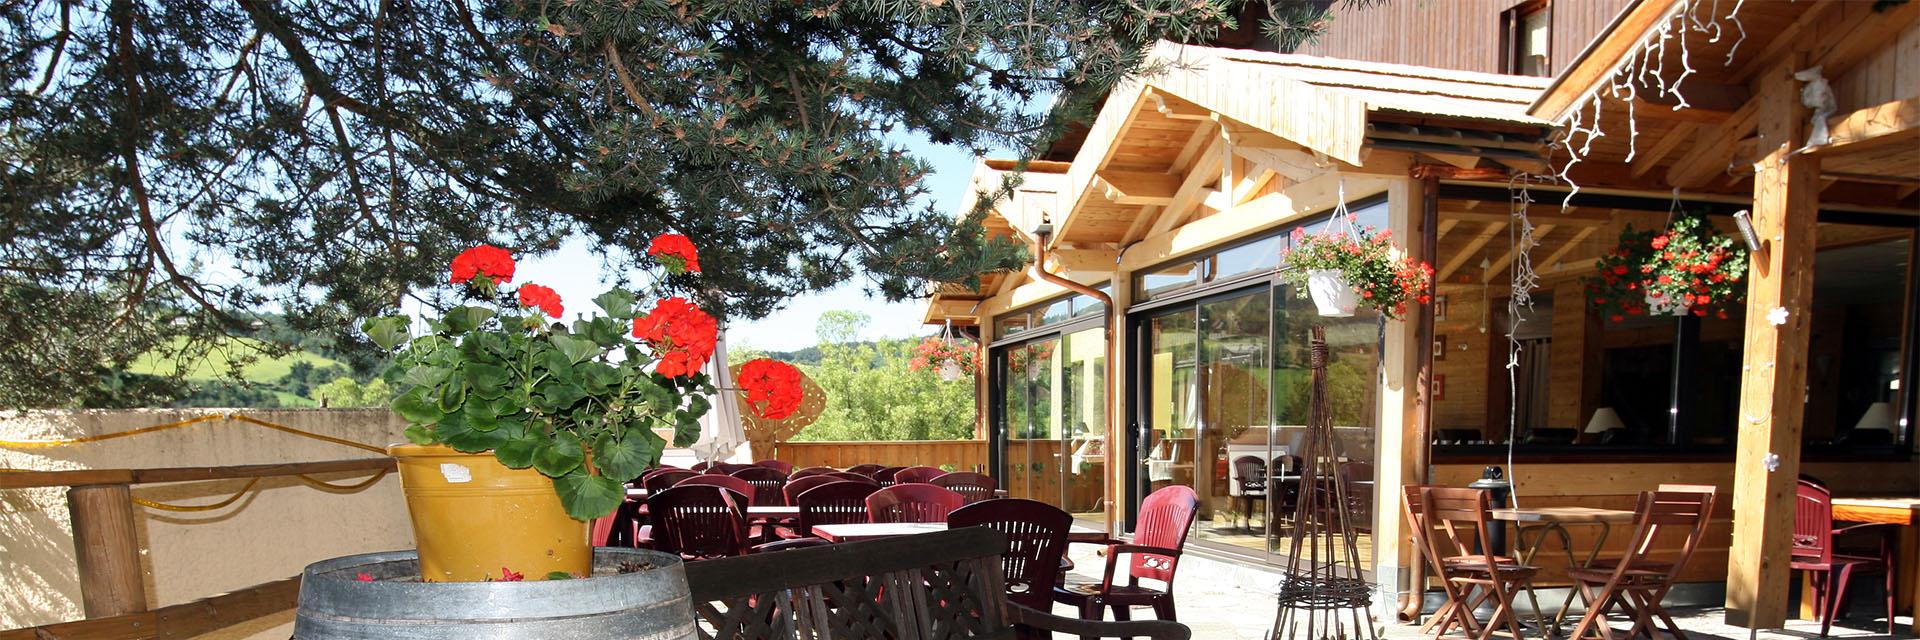 Village_club_vacances_alpes-de-haute-provence_domaine-de-l-Adoux_terrasse